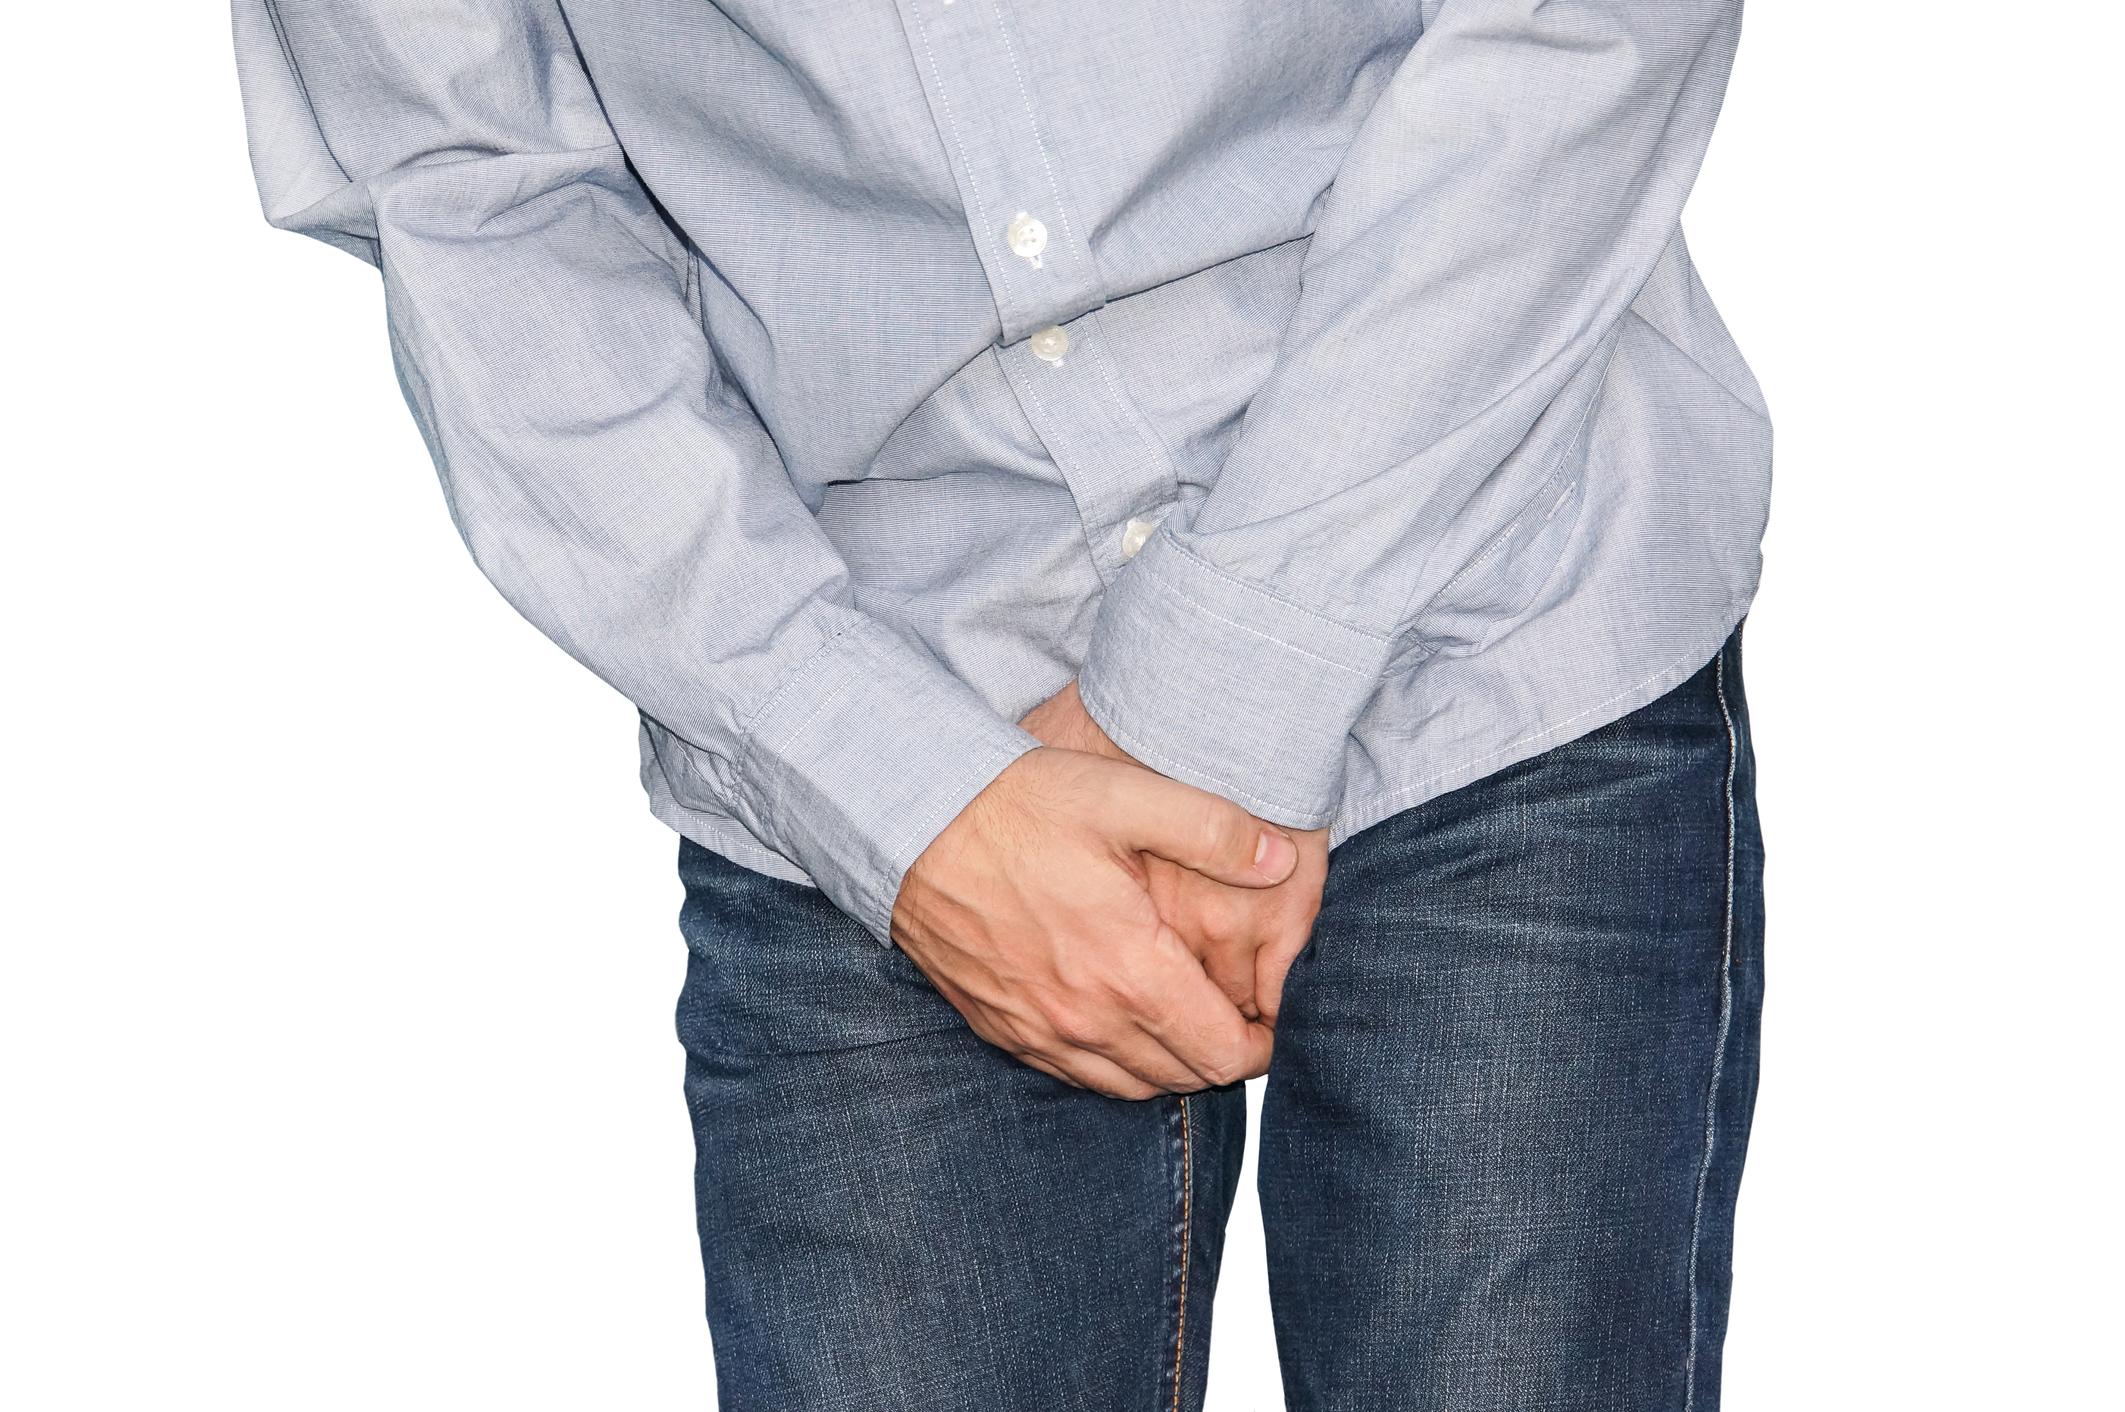 Növekvő péniszméret otthon - A legfontosabb adottság a pénisz mérete?